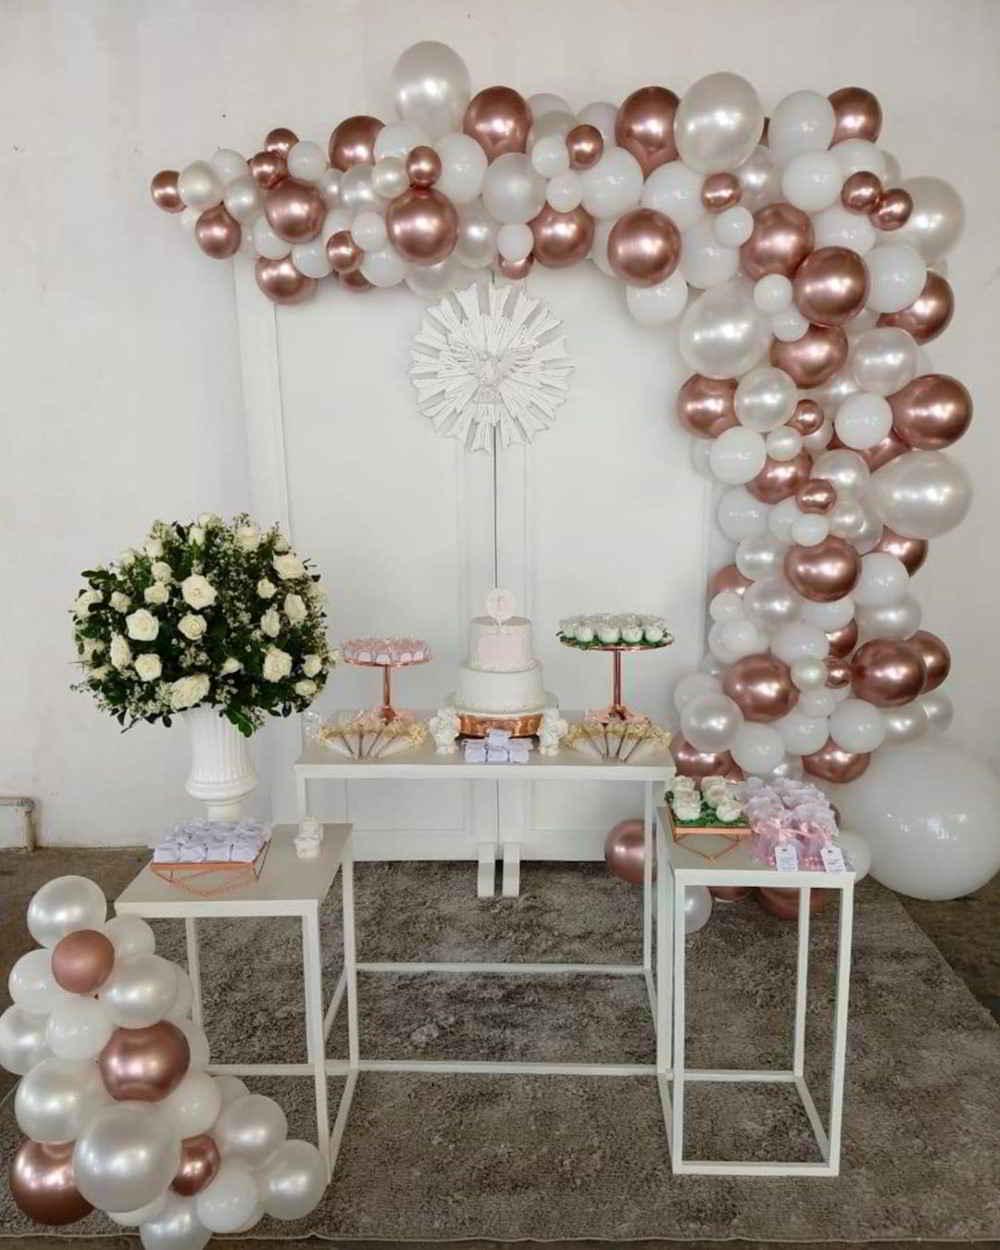 decoração com balões brancos e dourados